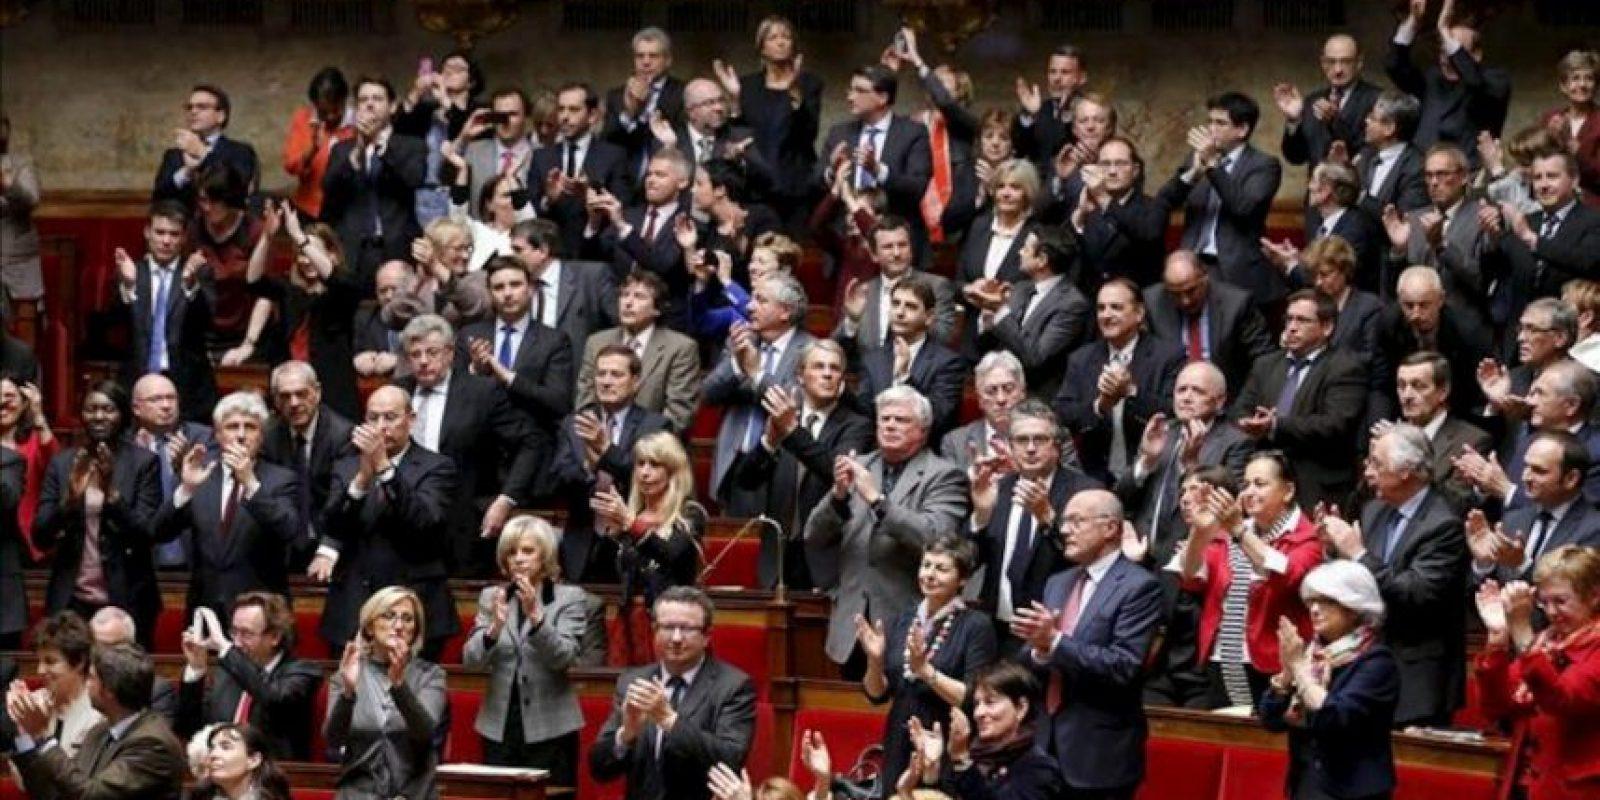 Diputados franceses aplauden la aprobación de la ley que autoriza el matrimonio entre personas del mismo sexo, en la Asamblea Nacional francesa en París, Francia, el 23 de abril de 2013. EFE